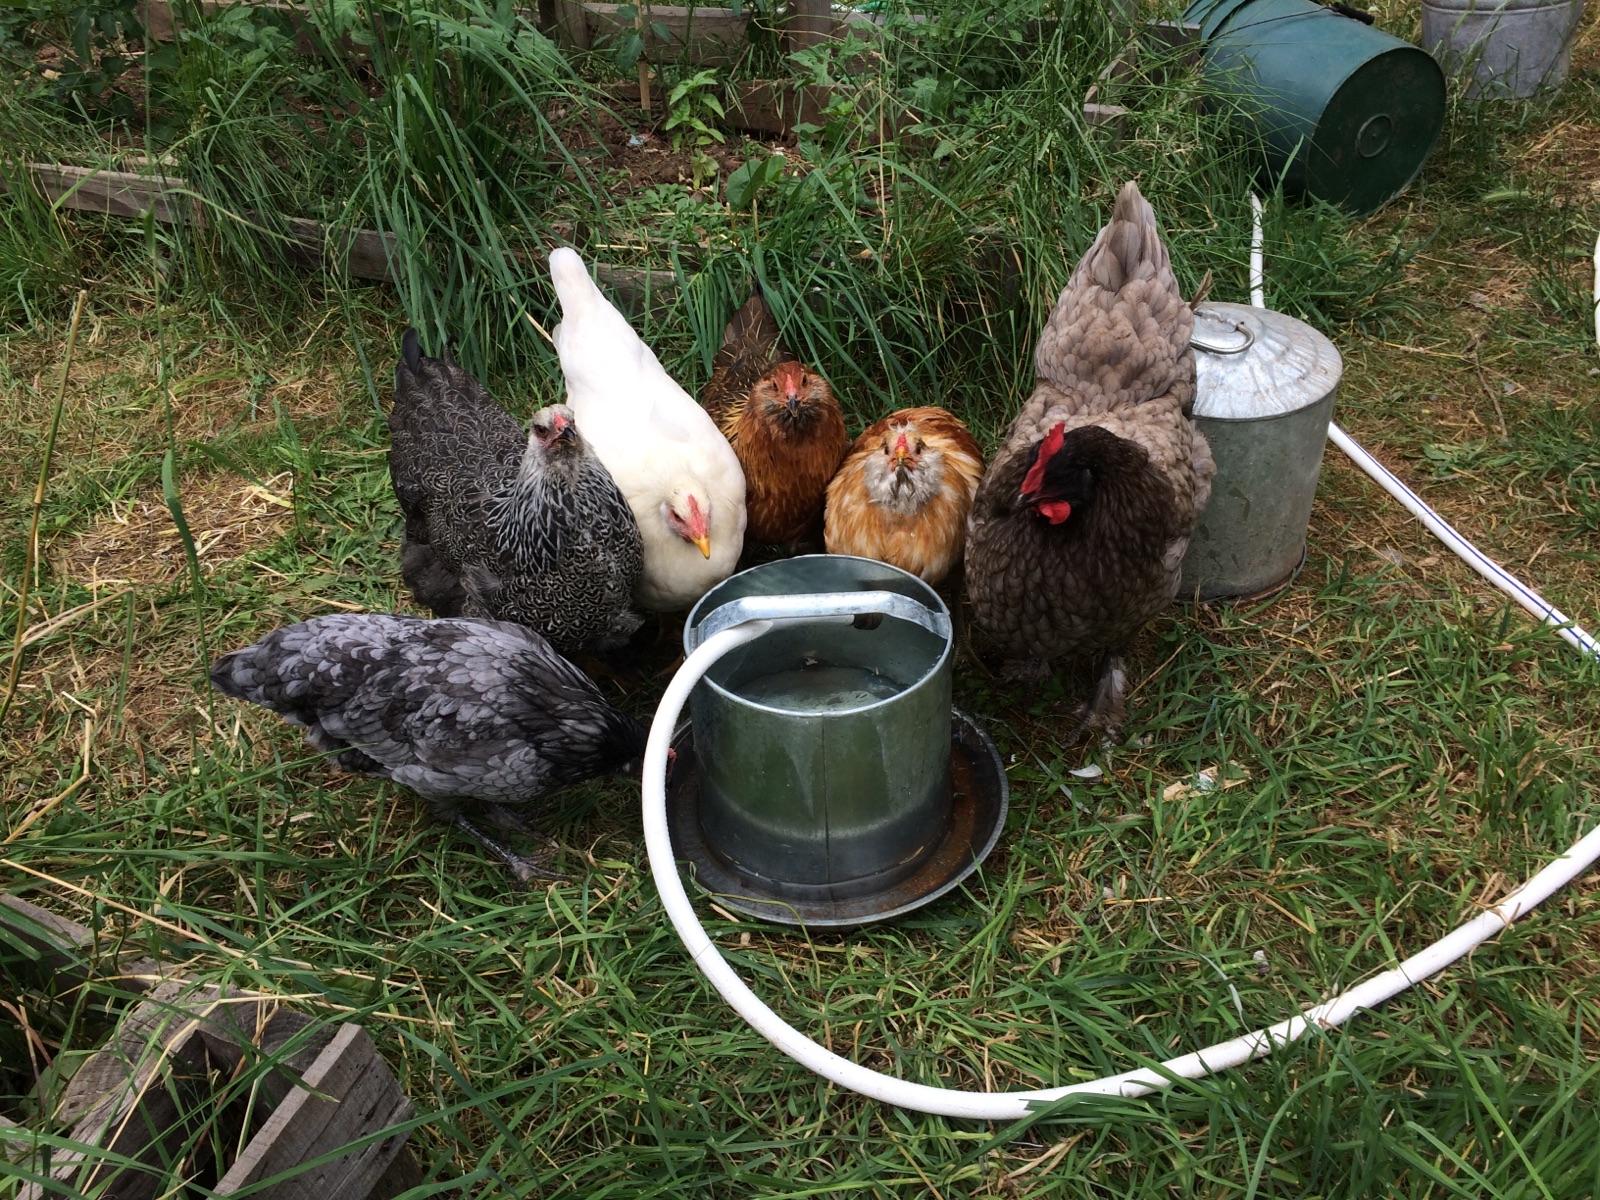 RIP pretty chickens...